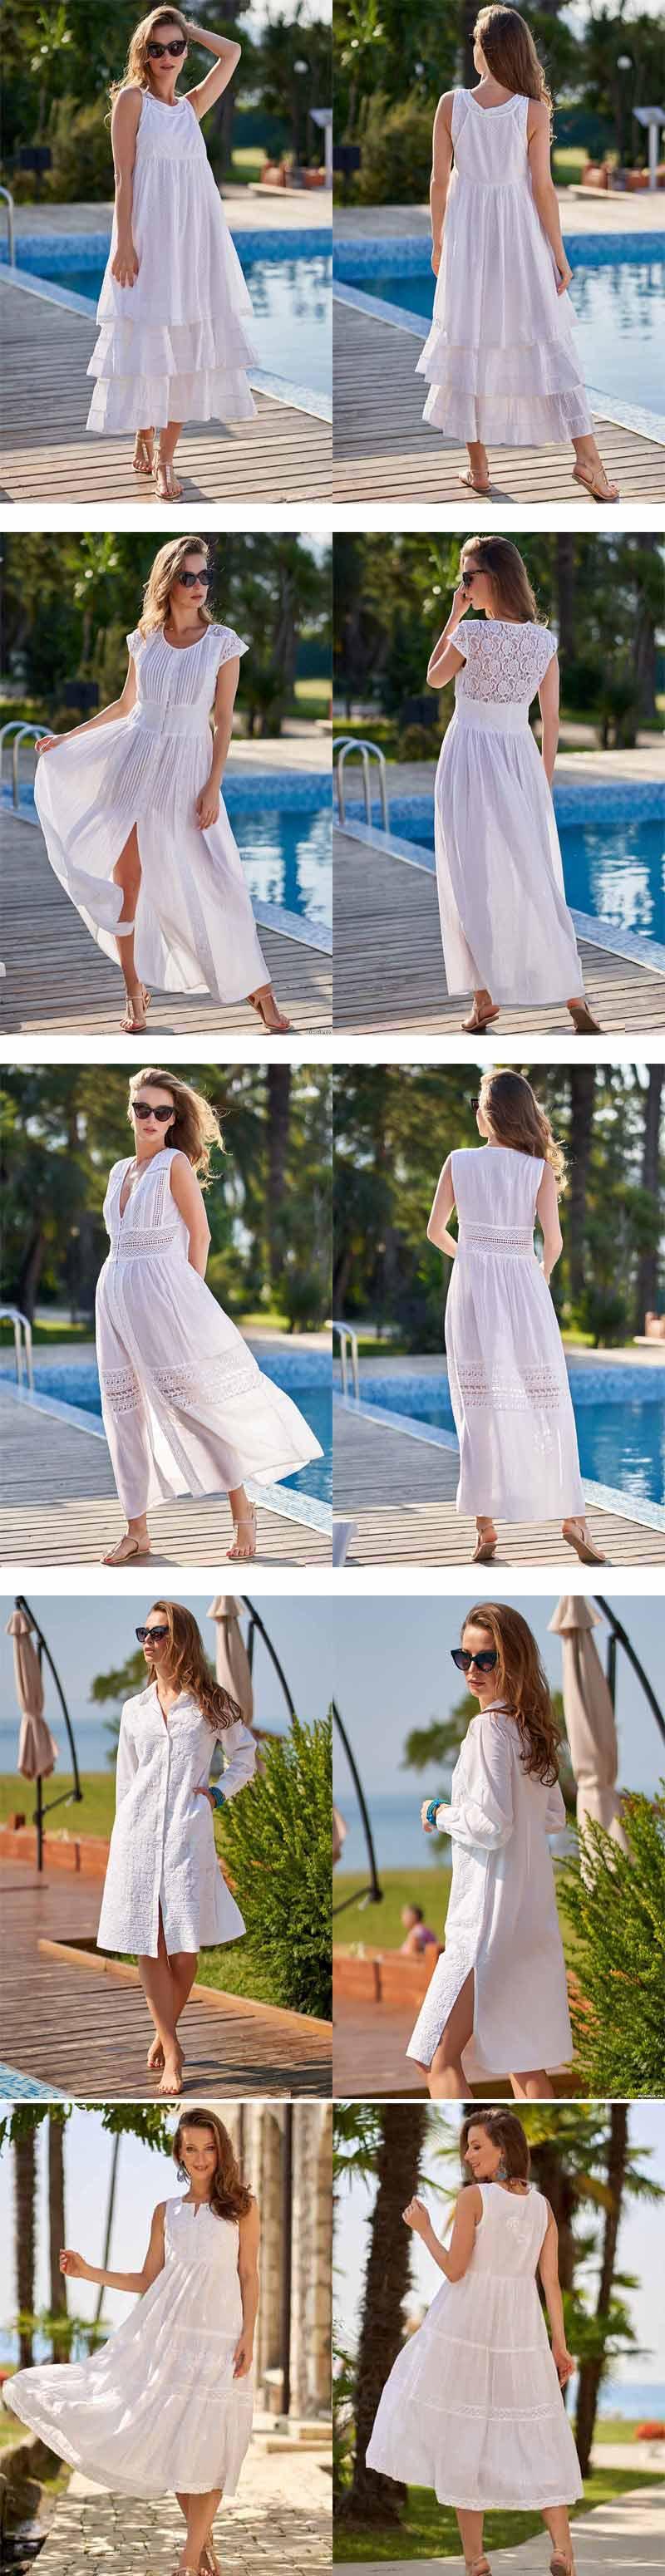 Пляжная мода 2020 в белом цвете